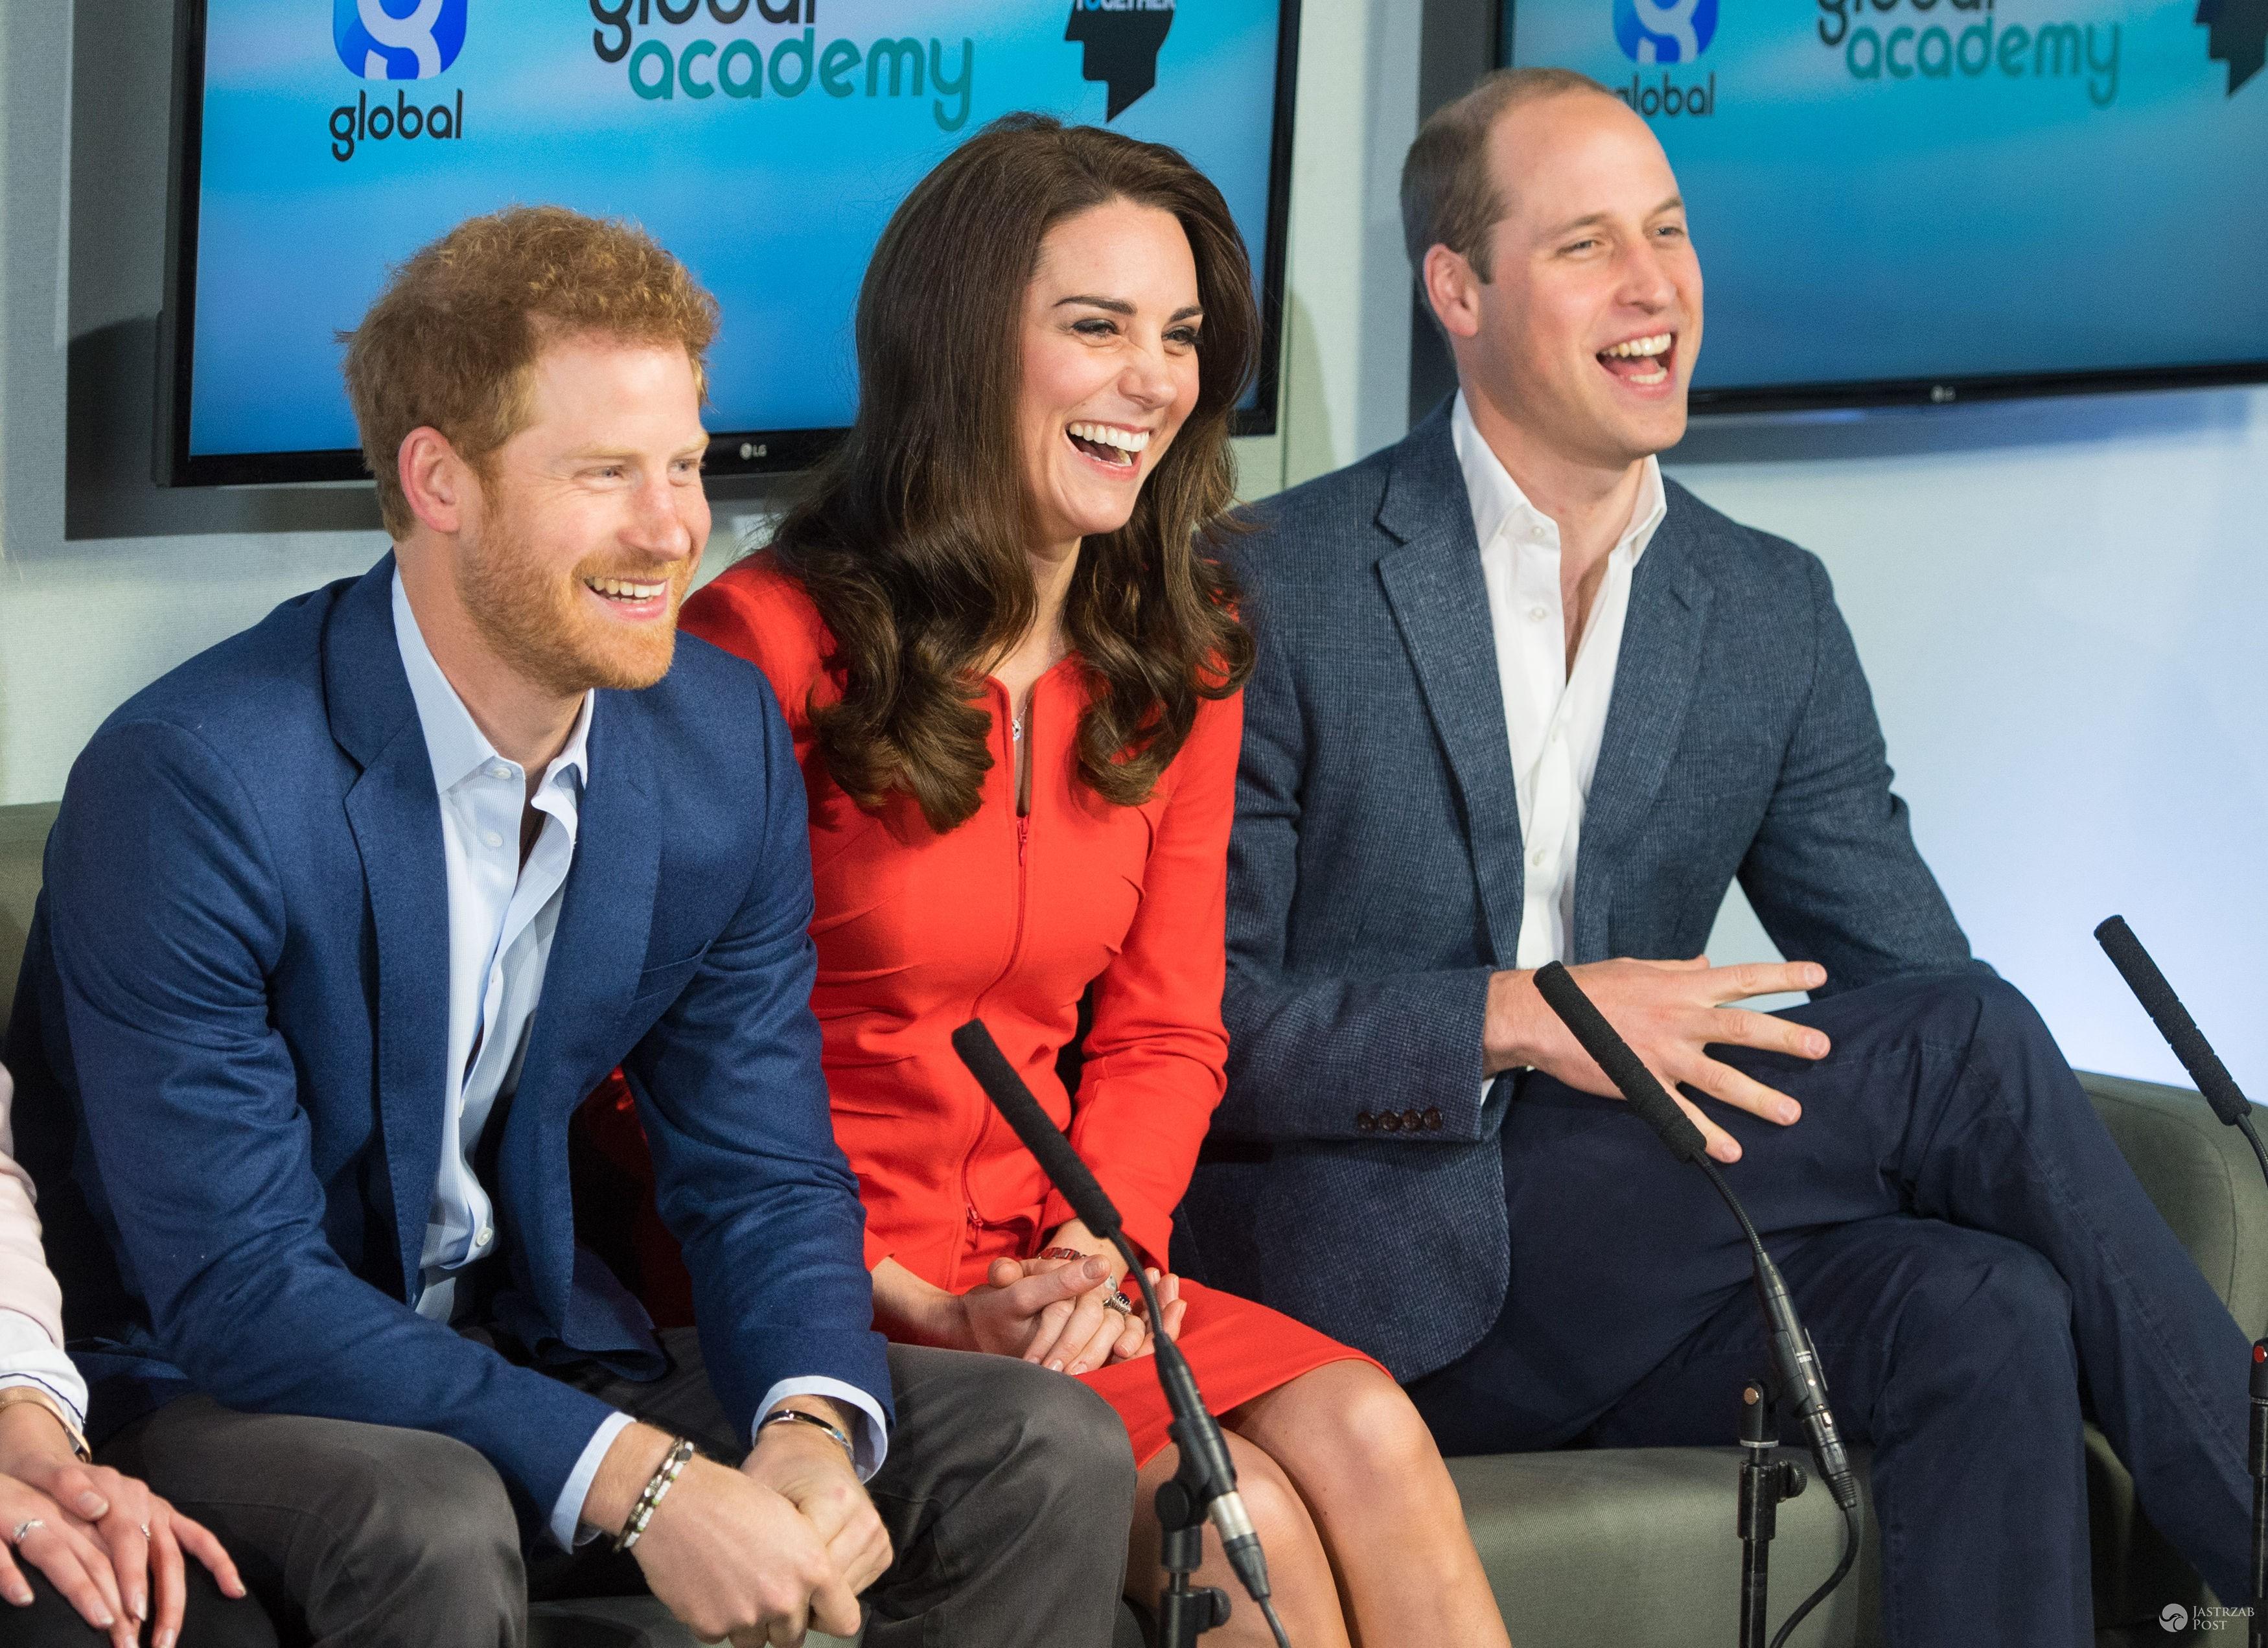 Książę Harry, książę William mają problem z zamawianiem obiadów na wynos